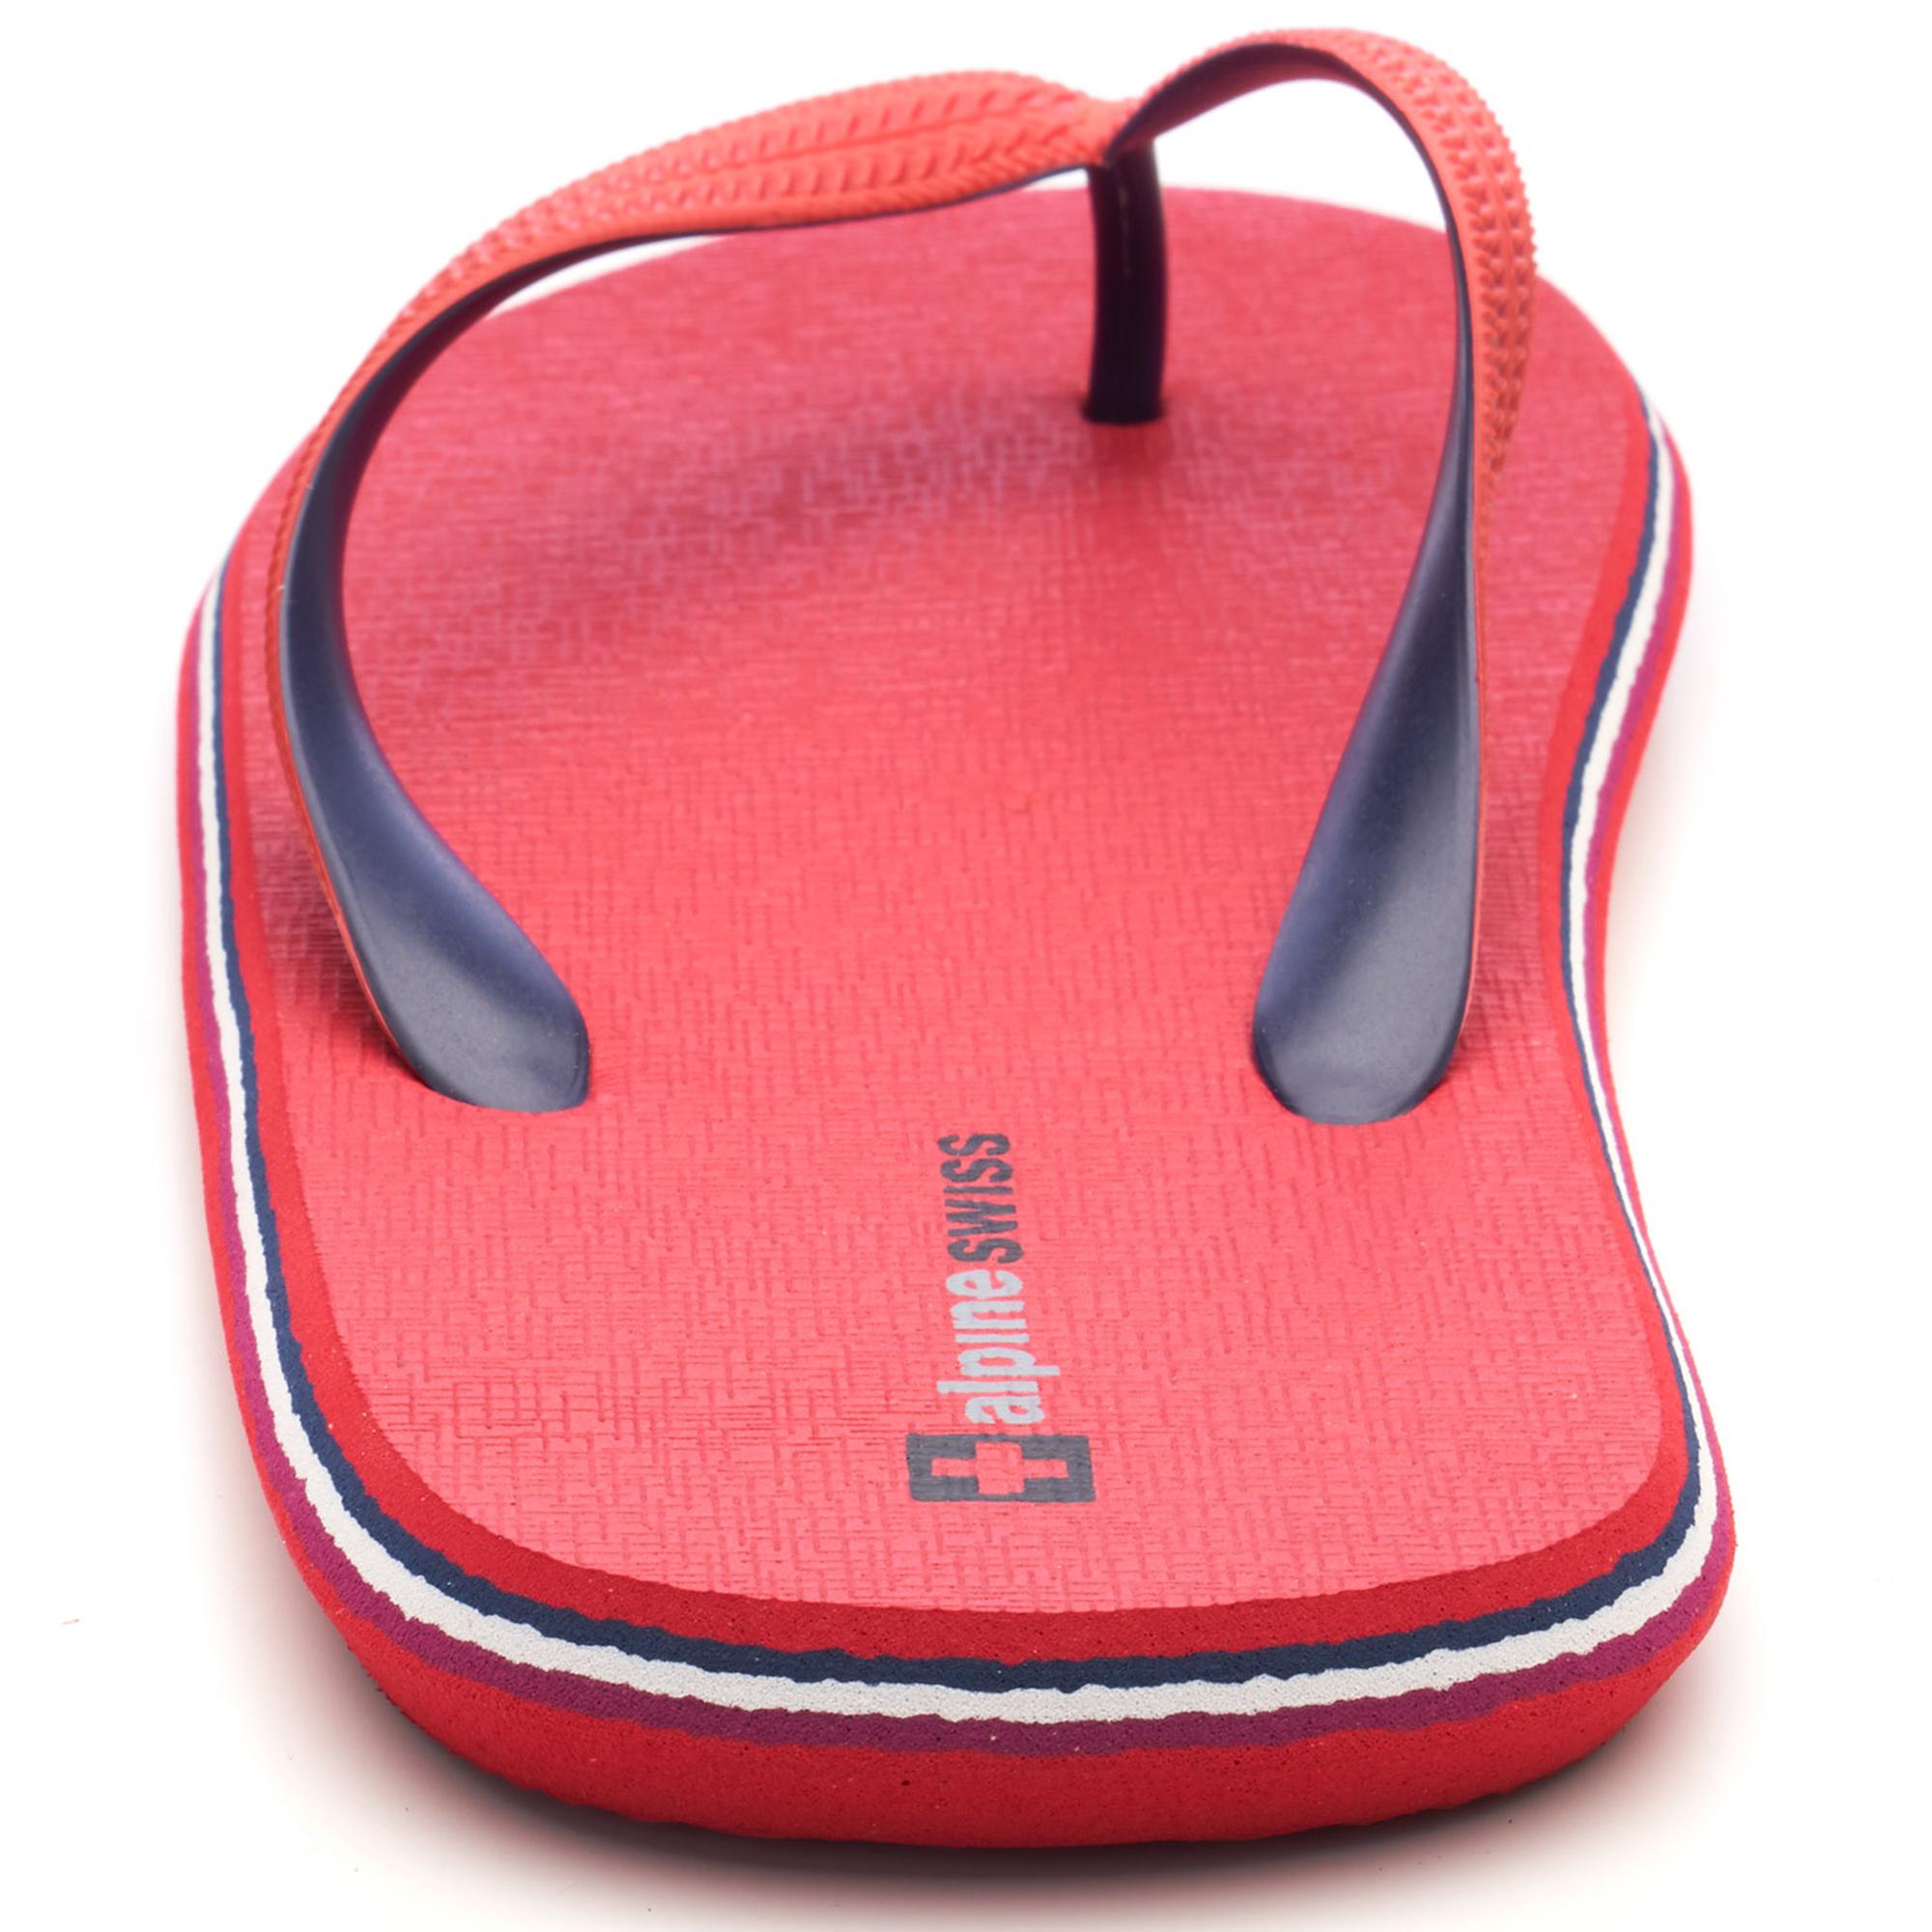 Alpine-Swiss-Mens-Flip-Flops-Beach-Sandals-Lightweight-EVA-Sole-Comfort-Thongs thumbnail 47